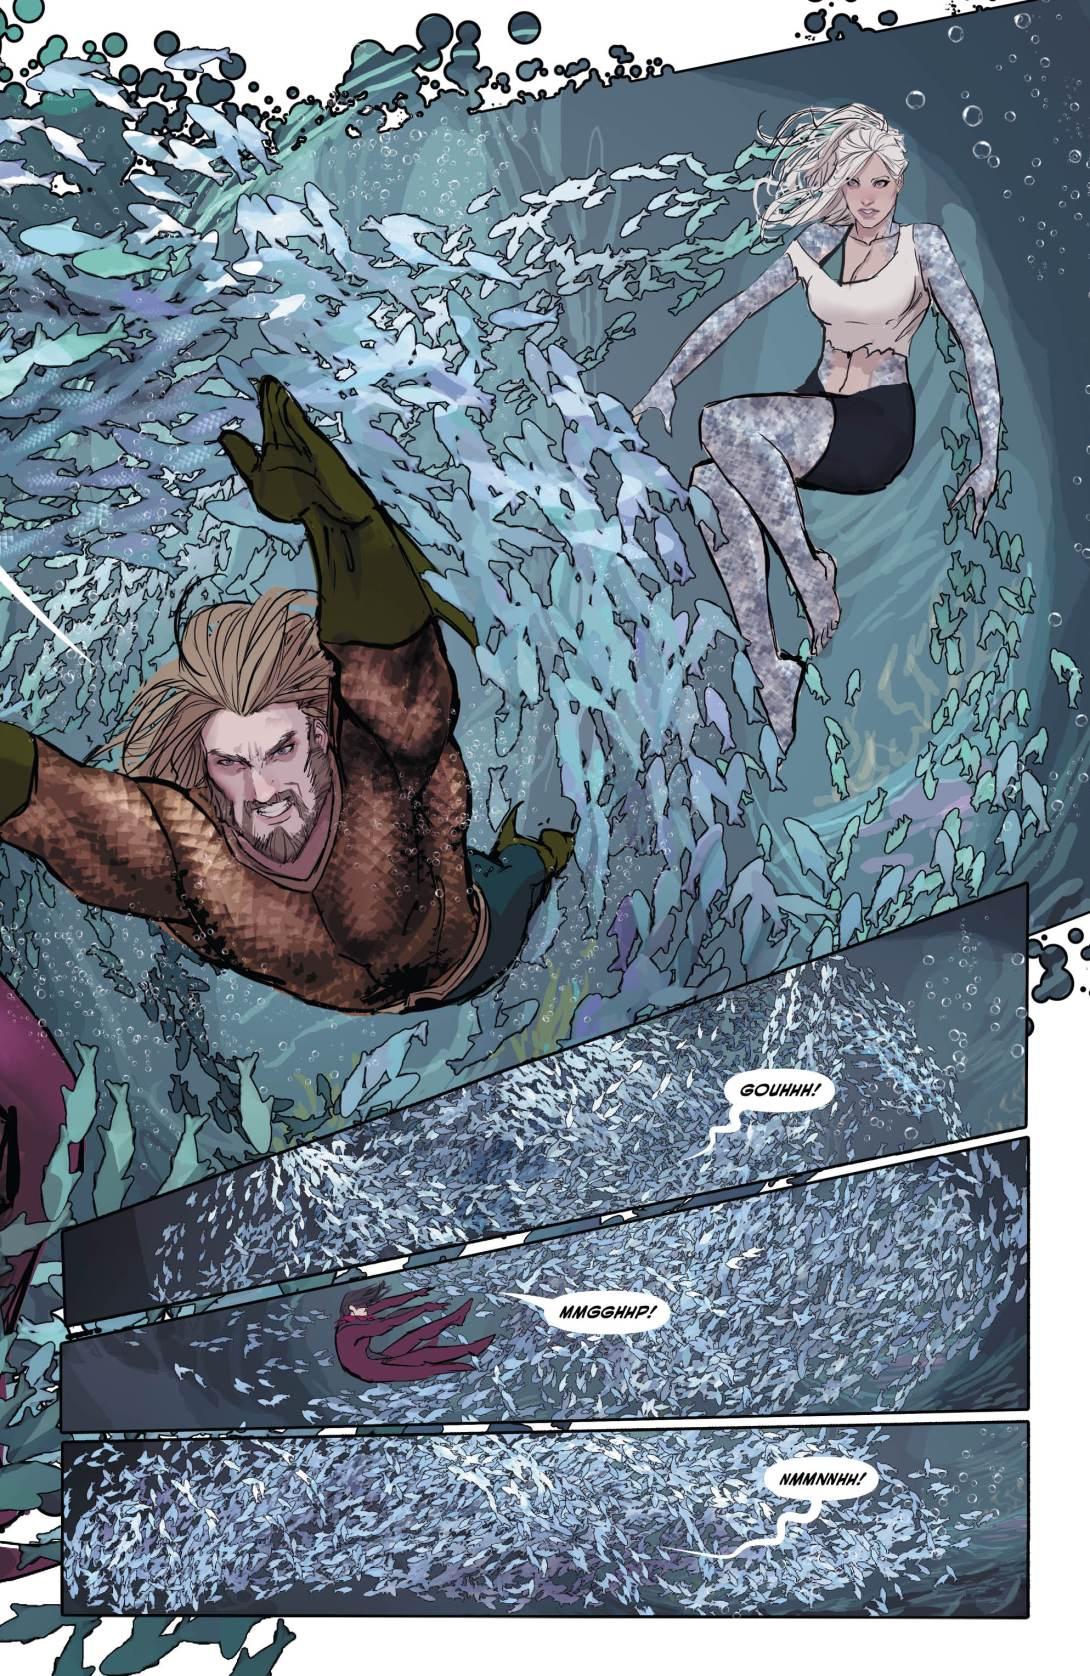 Aquaman 3 - DC Comics News